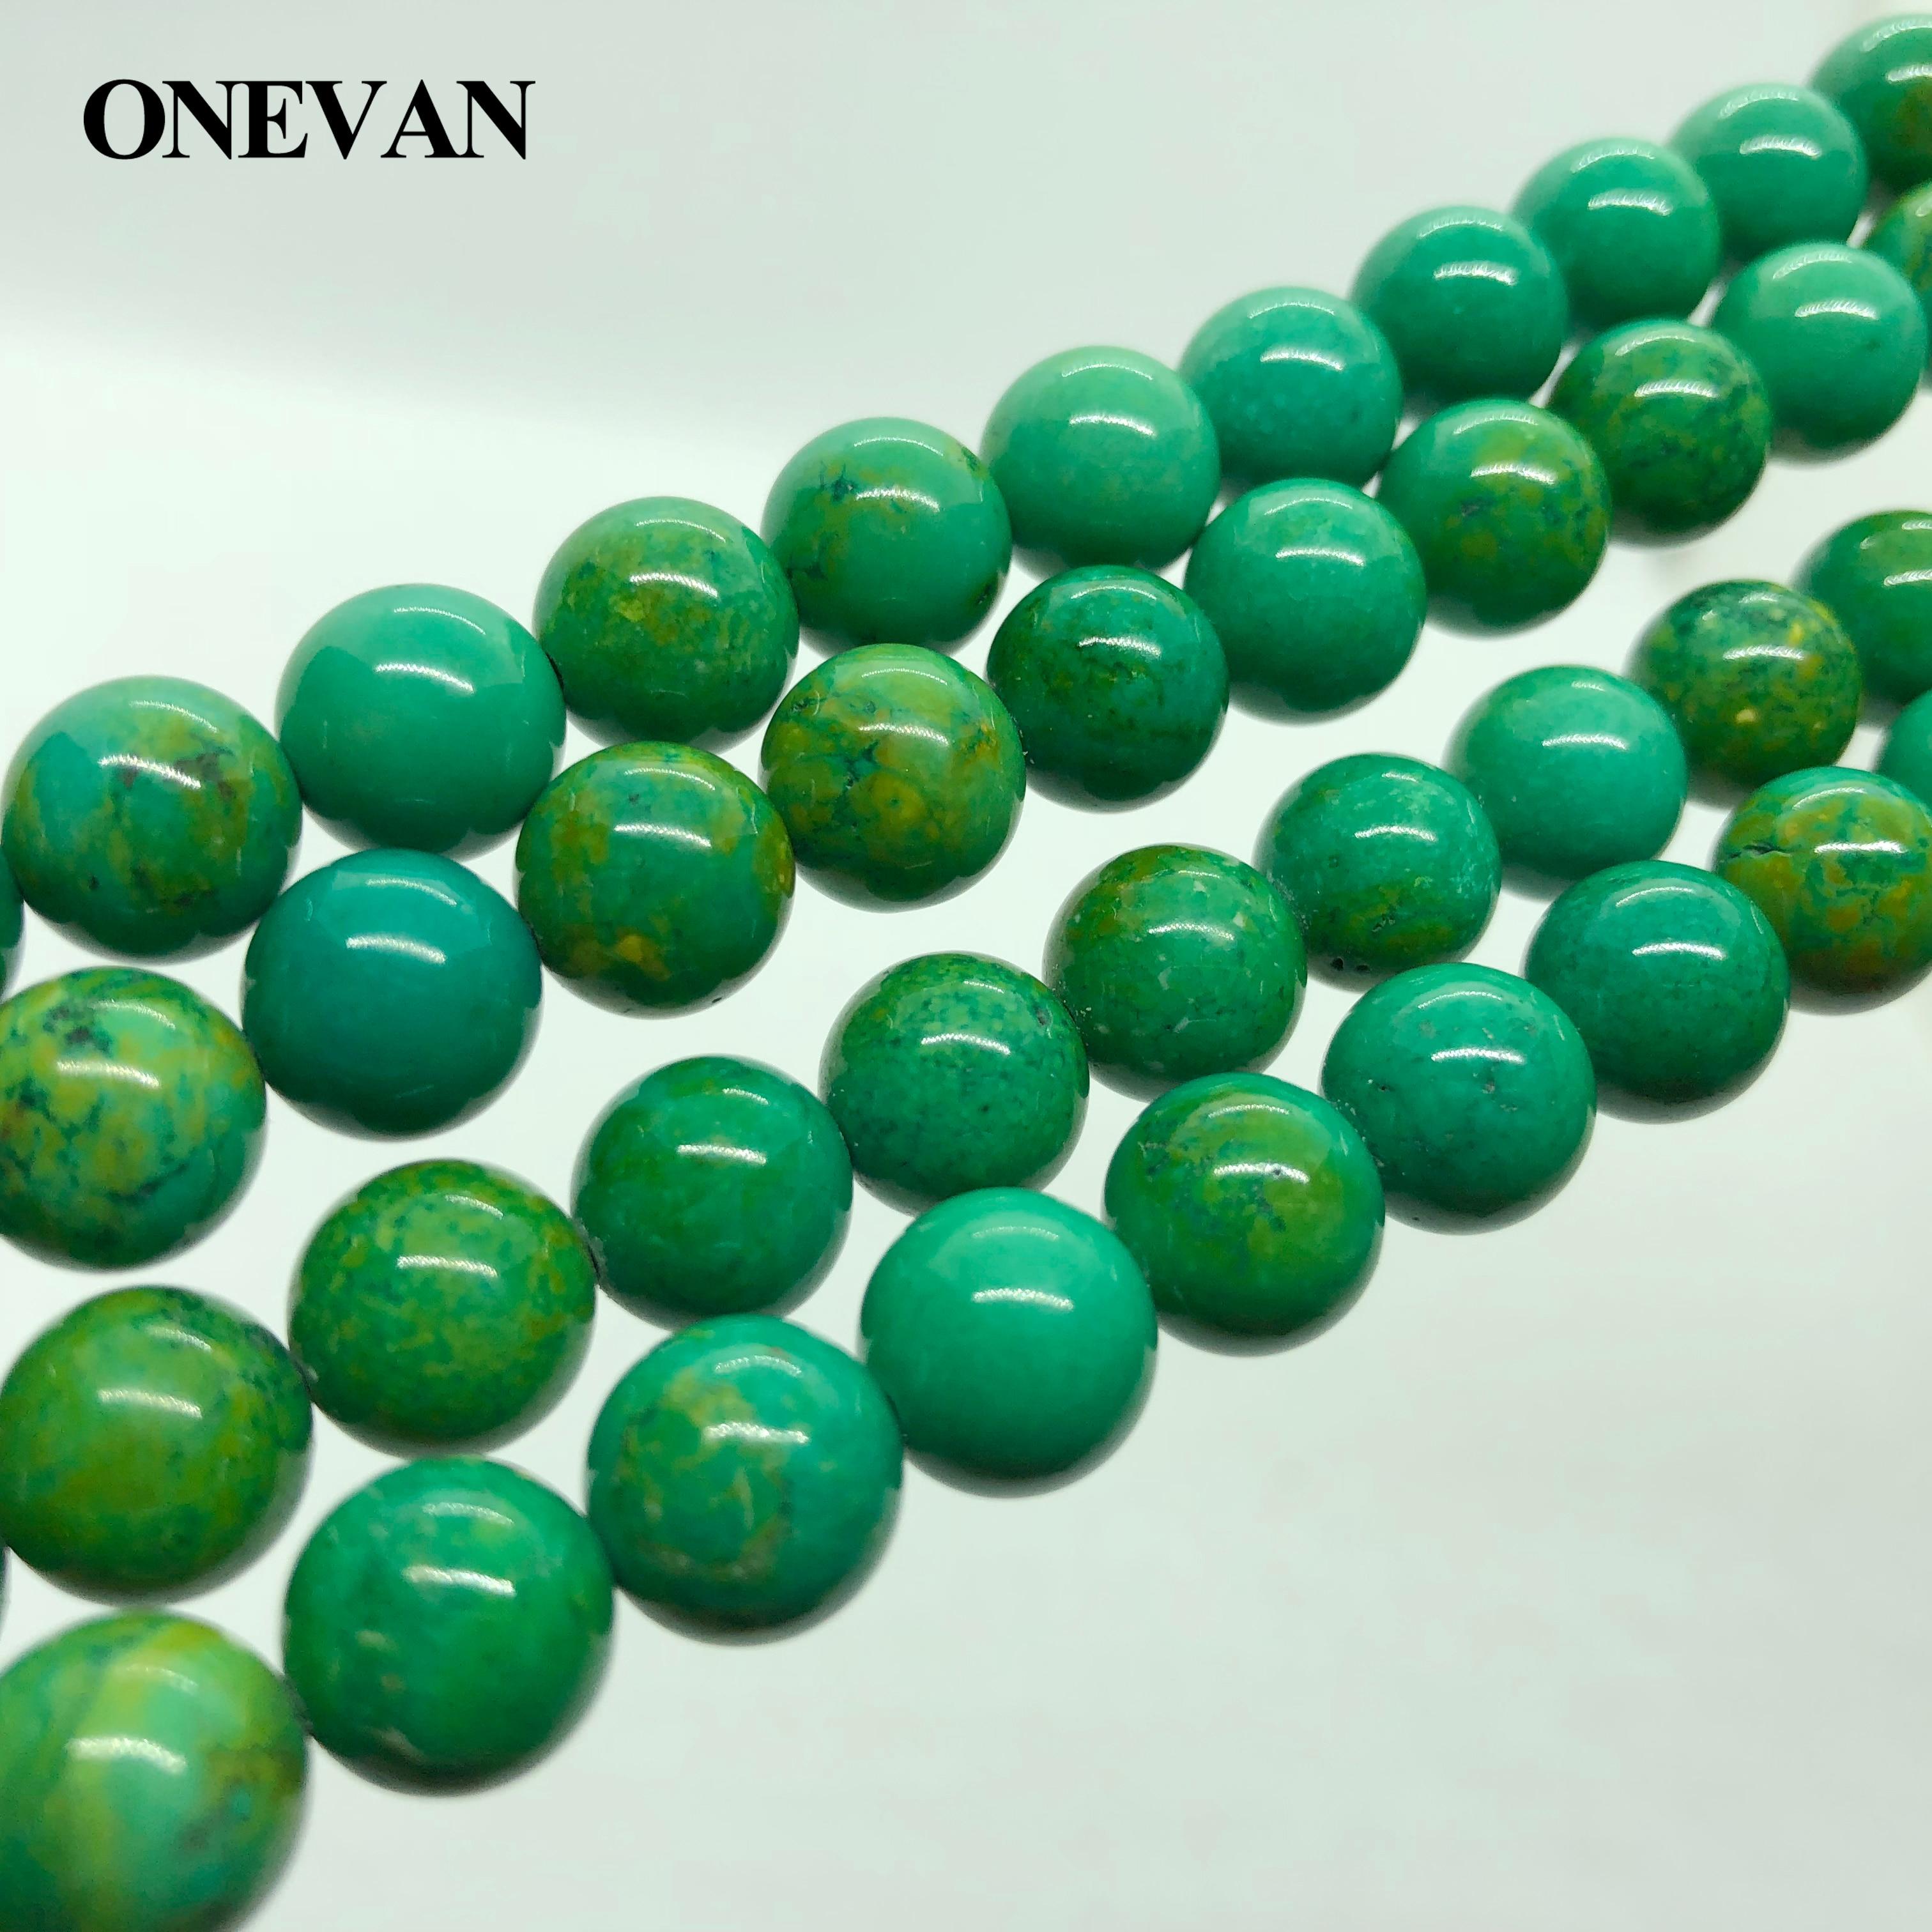 Купить onevan 10 + 02 мм круглый зеленая бирюза подвески гладкие каменные